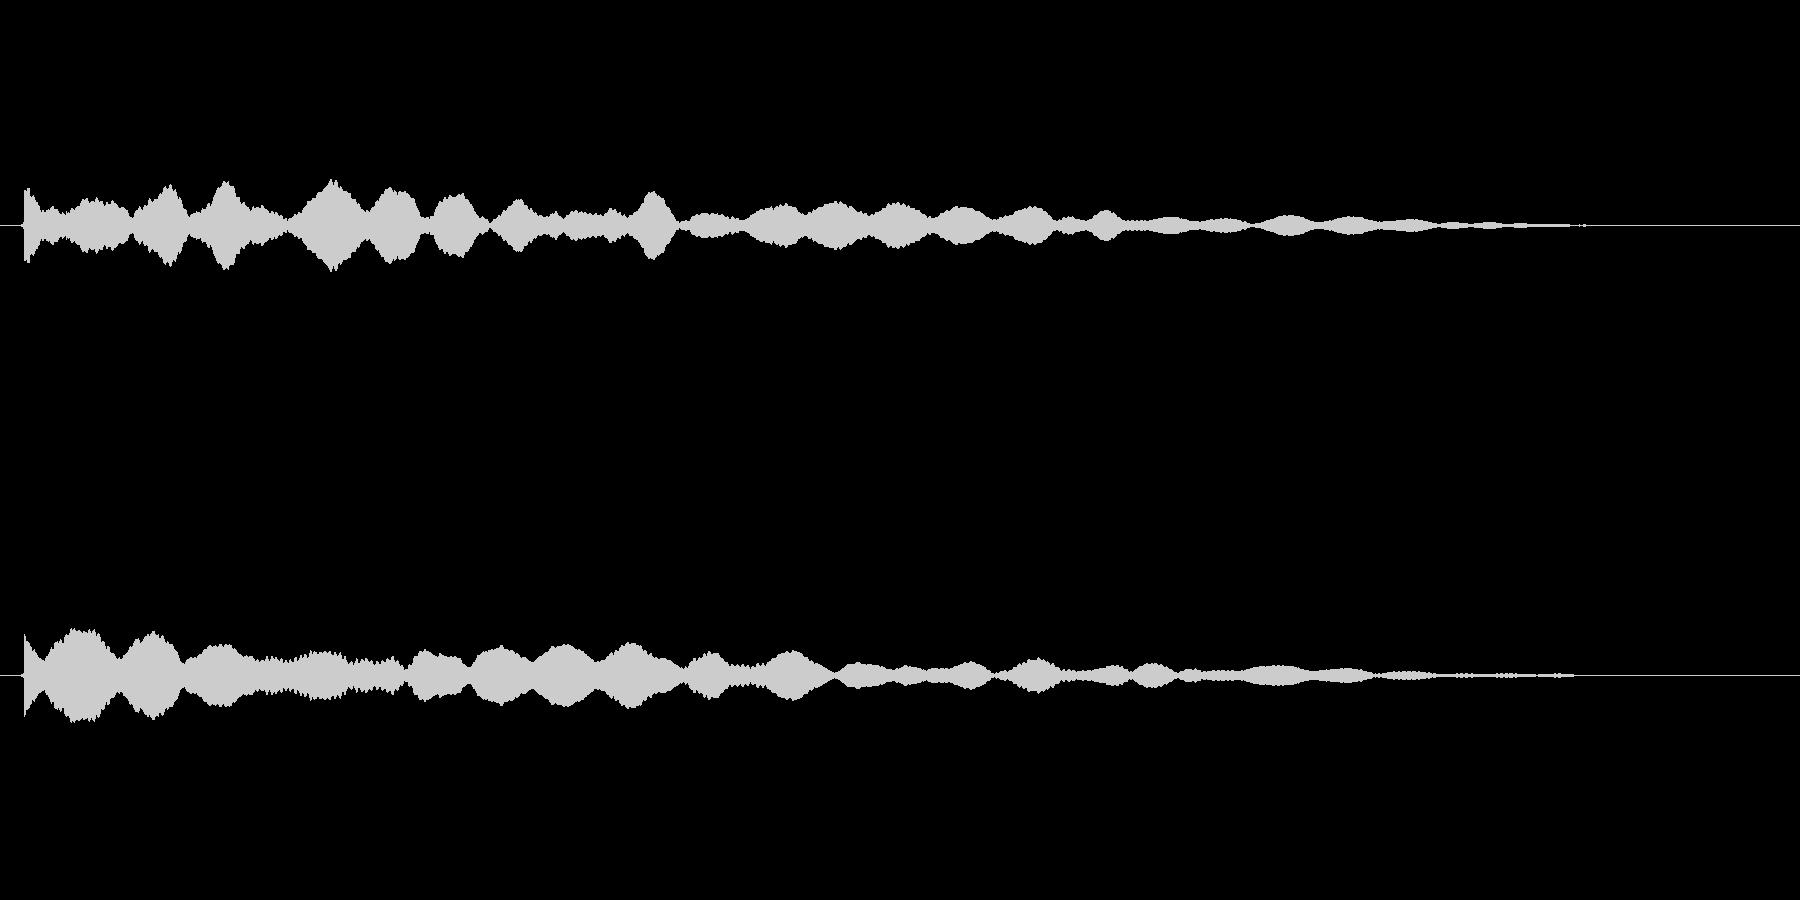 キラキラ系_104の未再生の波形